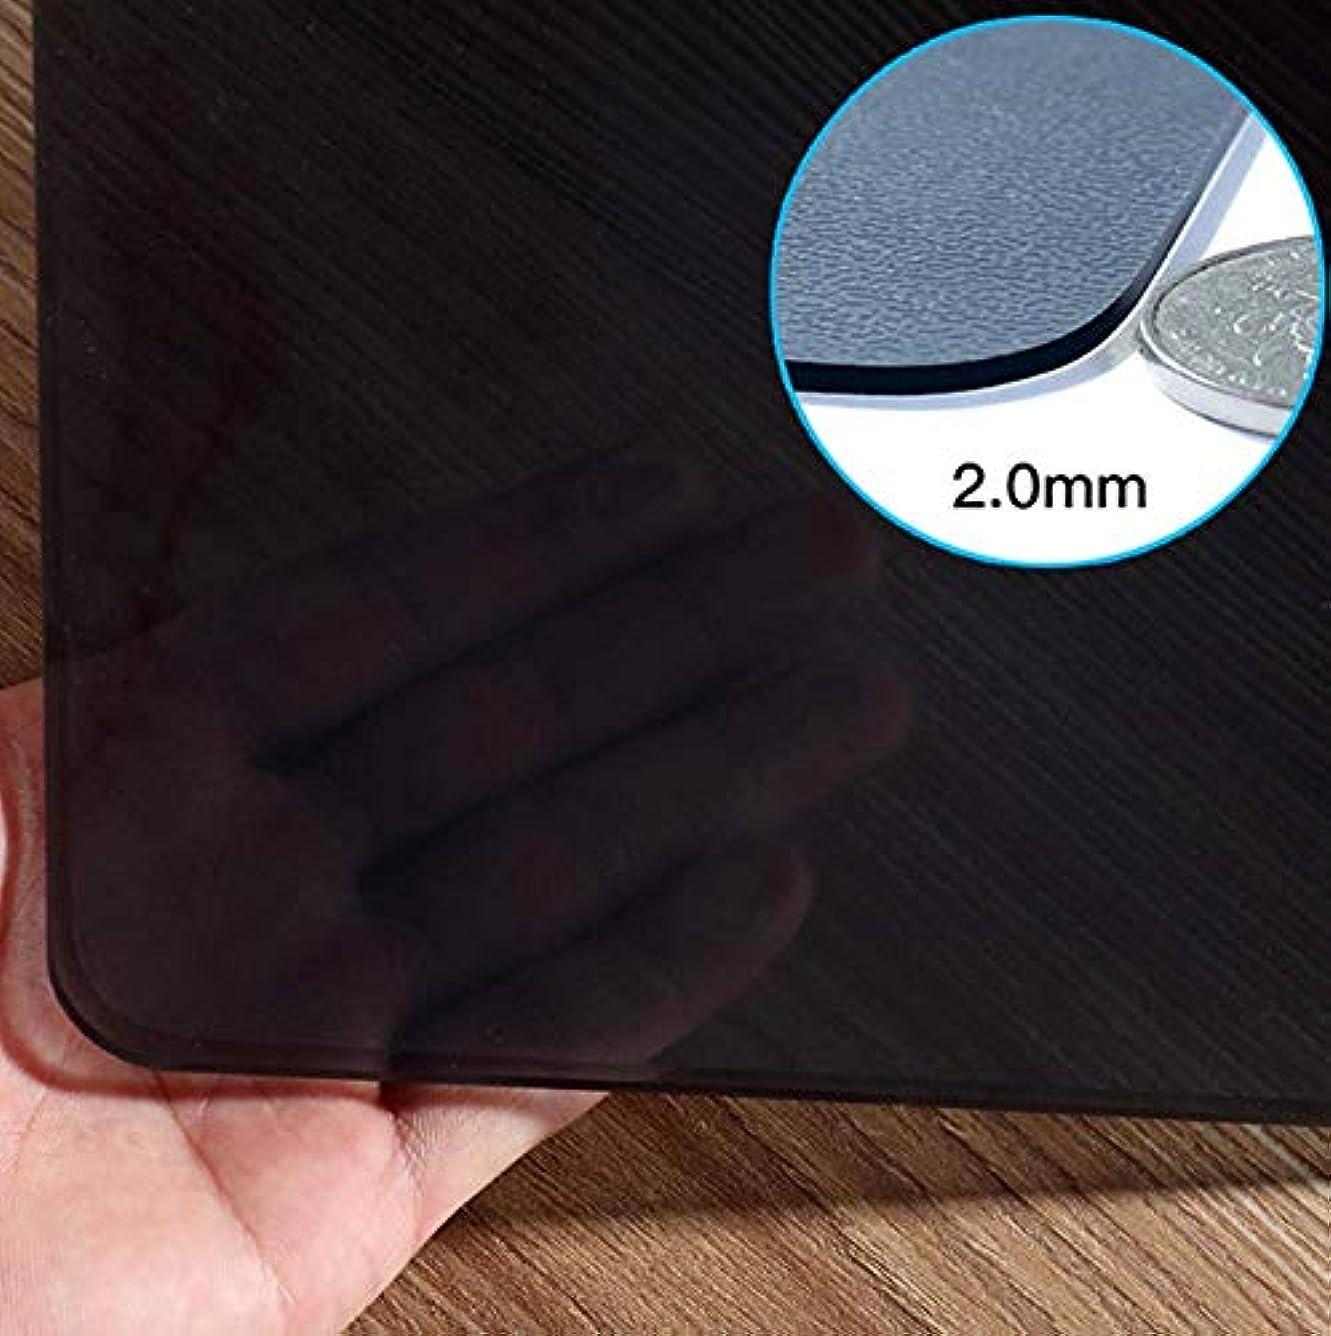 変更可能パラナ川チャンピオンL STYLE PVC テーブルクロス 黒透明 テーブルマット デスクマット厚さ1.5mm 円形 直径100cm 撥水加工 耐久 汚れつきにくい (黒透明 厚さ2mm, 円形 直径80cm)